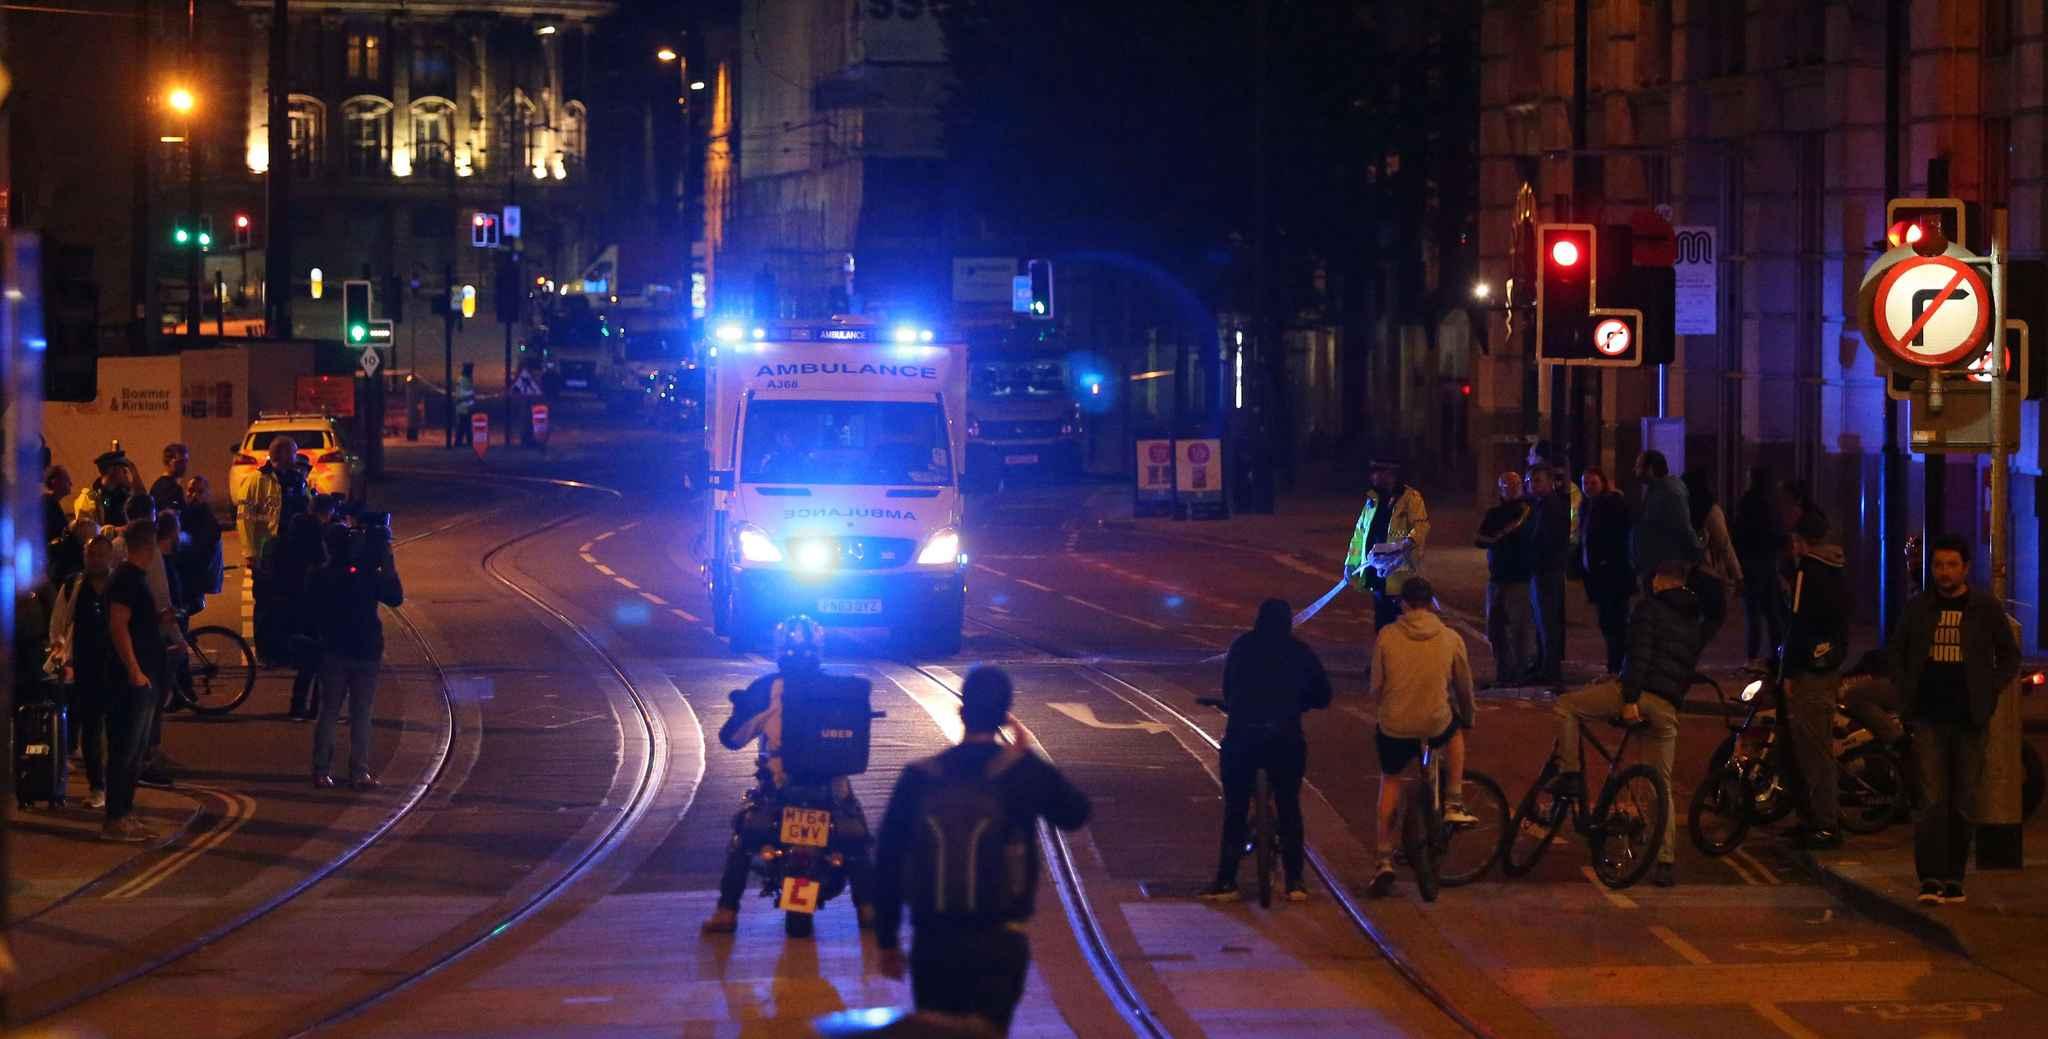 Ce que l'on sait de l'auteur présumé de l'attentat de Manchester